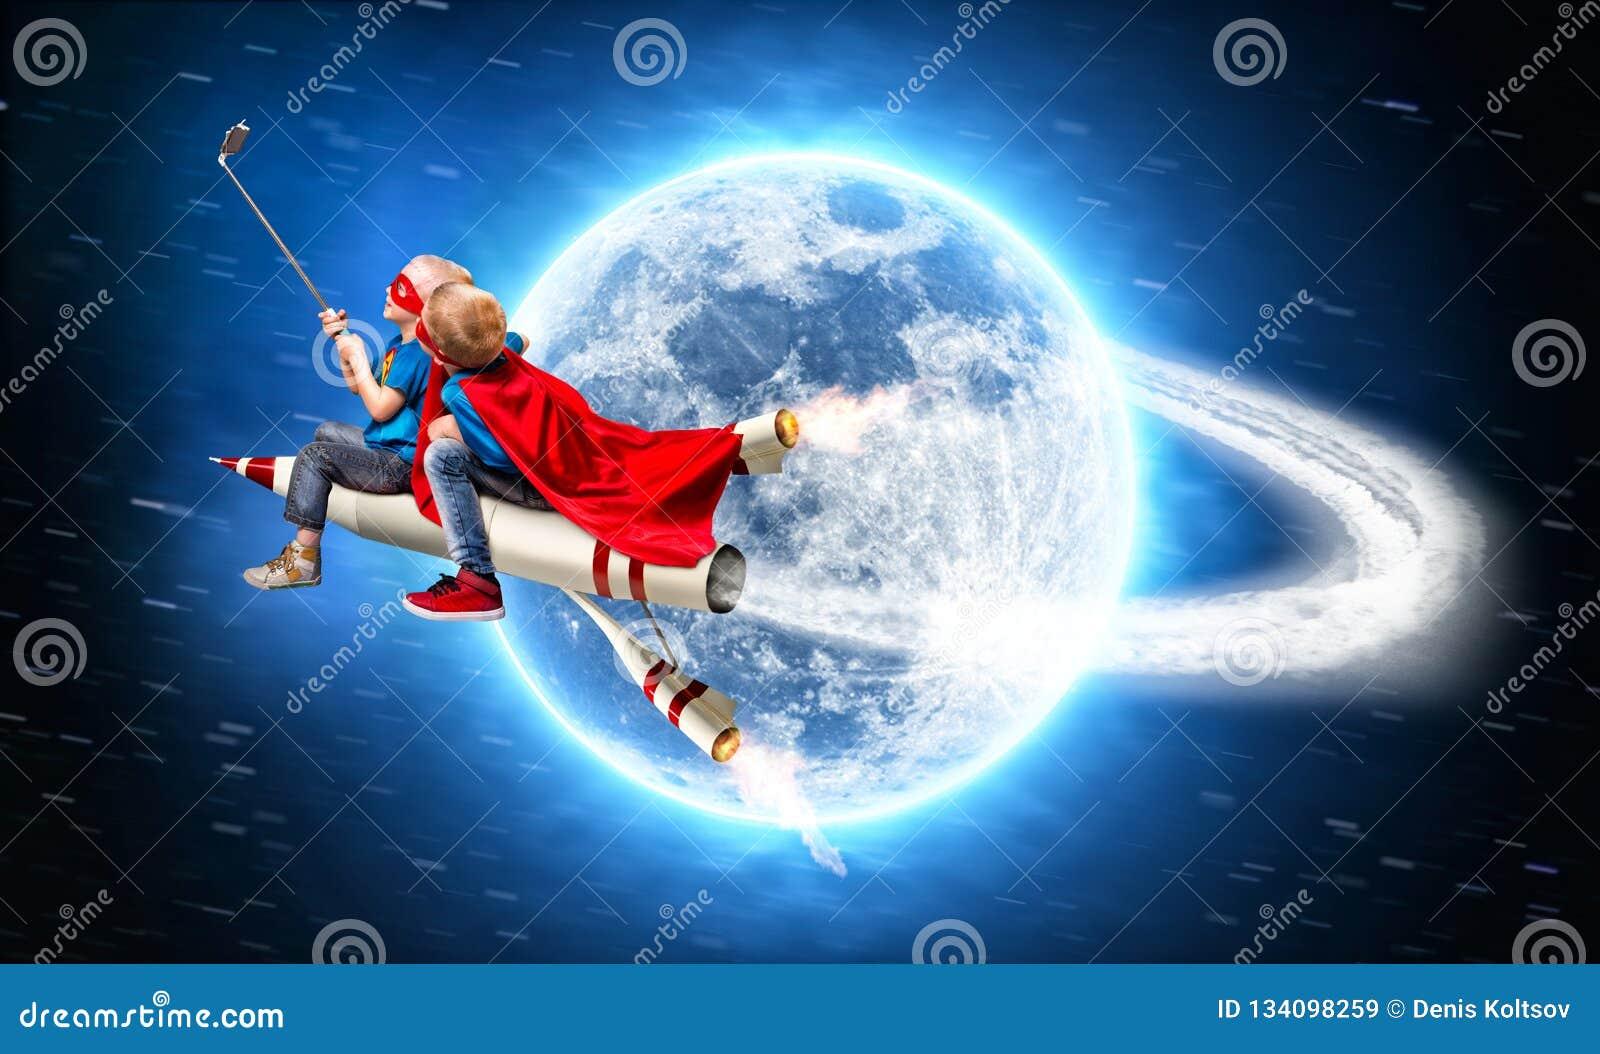 De kinderen in superherokostuums vliegen in ruimte op een raket en schieten een selfie op een mobiele telefoon